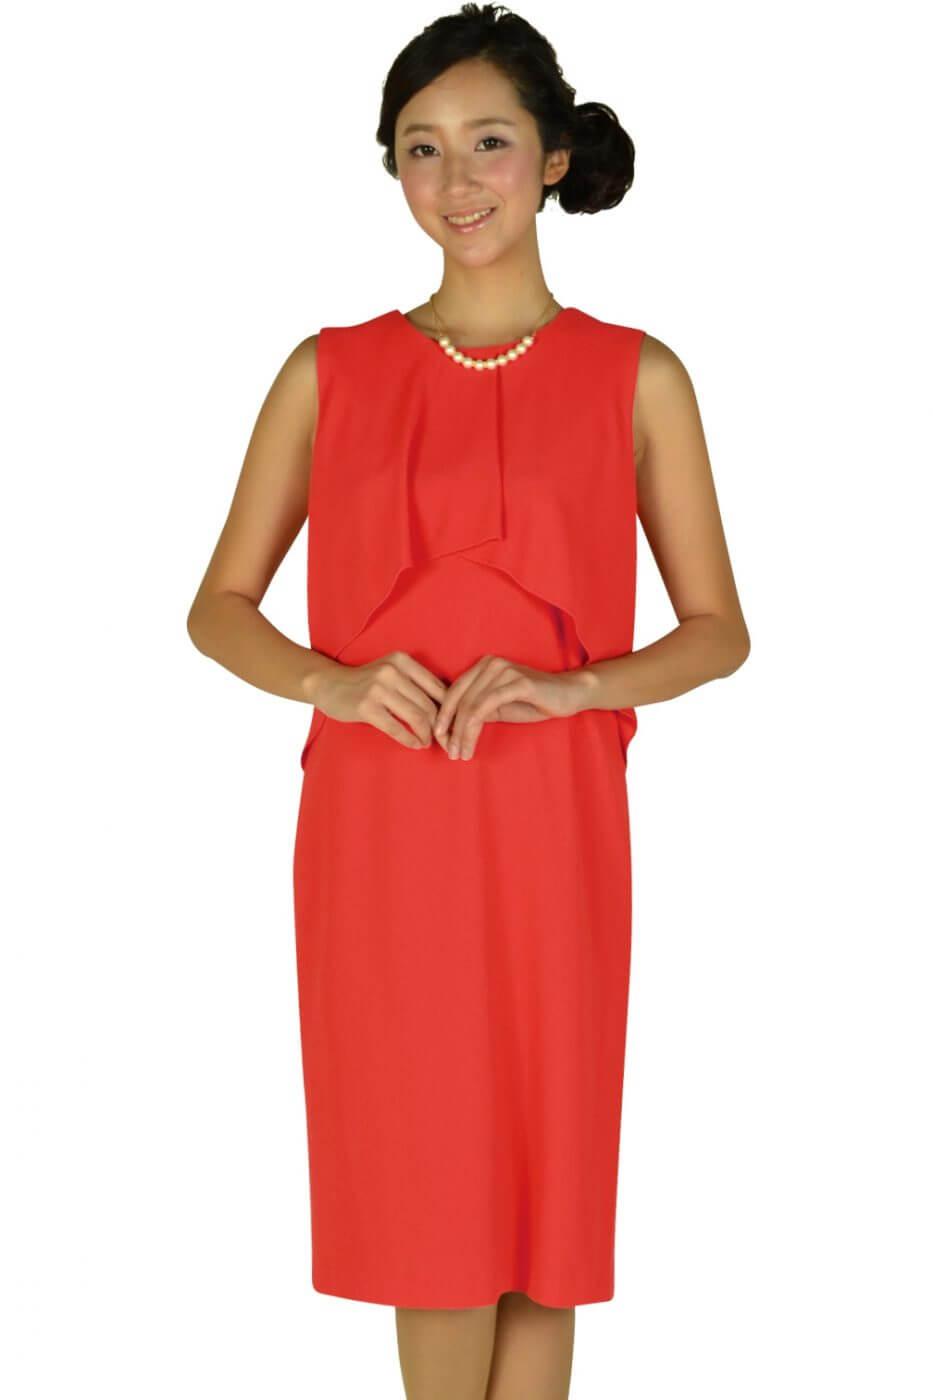 モディファイ(Modify)フロントフレアレッドオレンジドレス